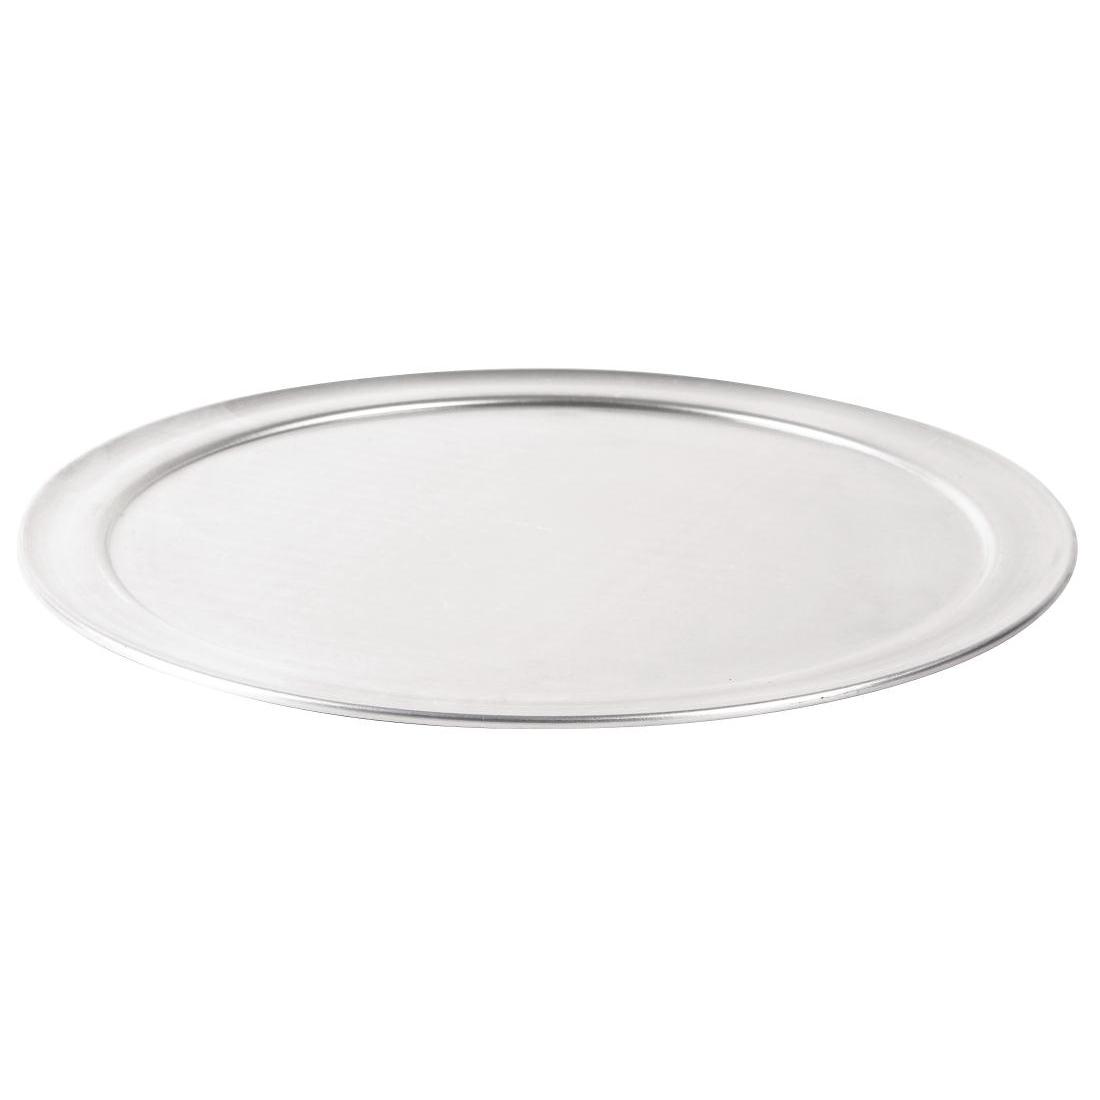 Plat à pizza aluminum bord large